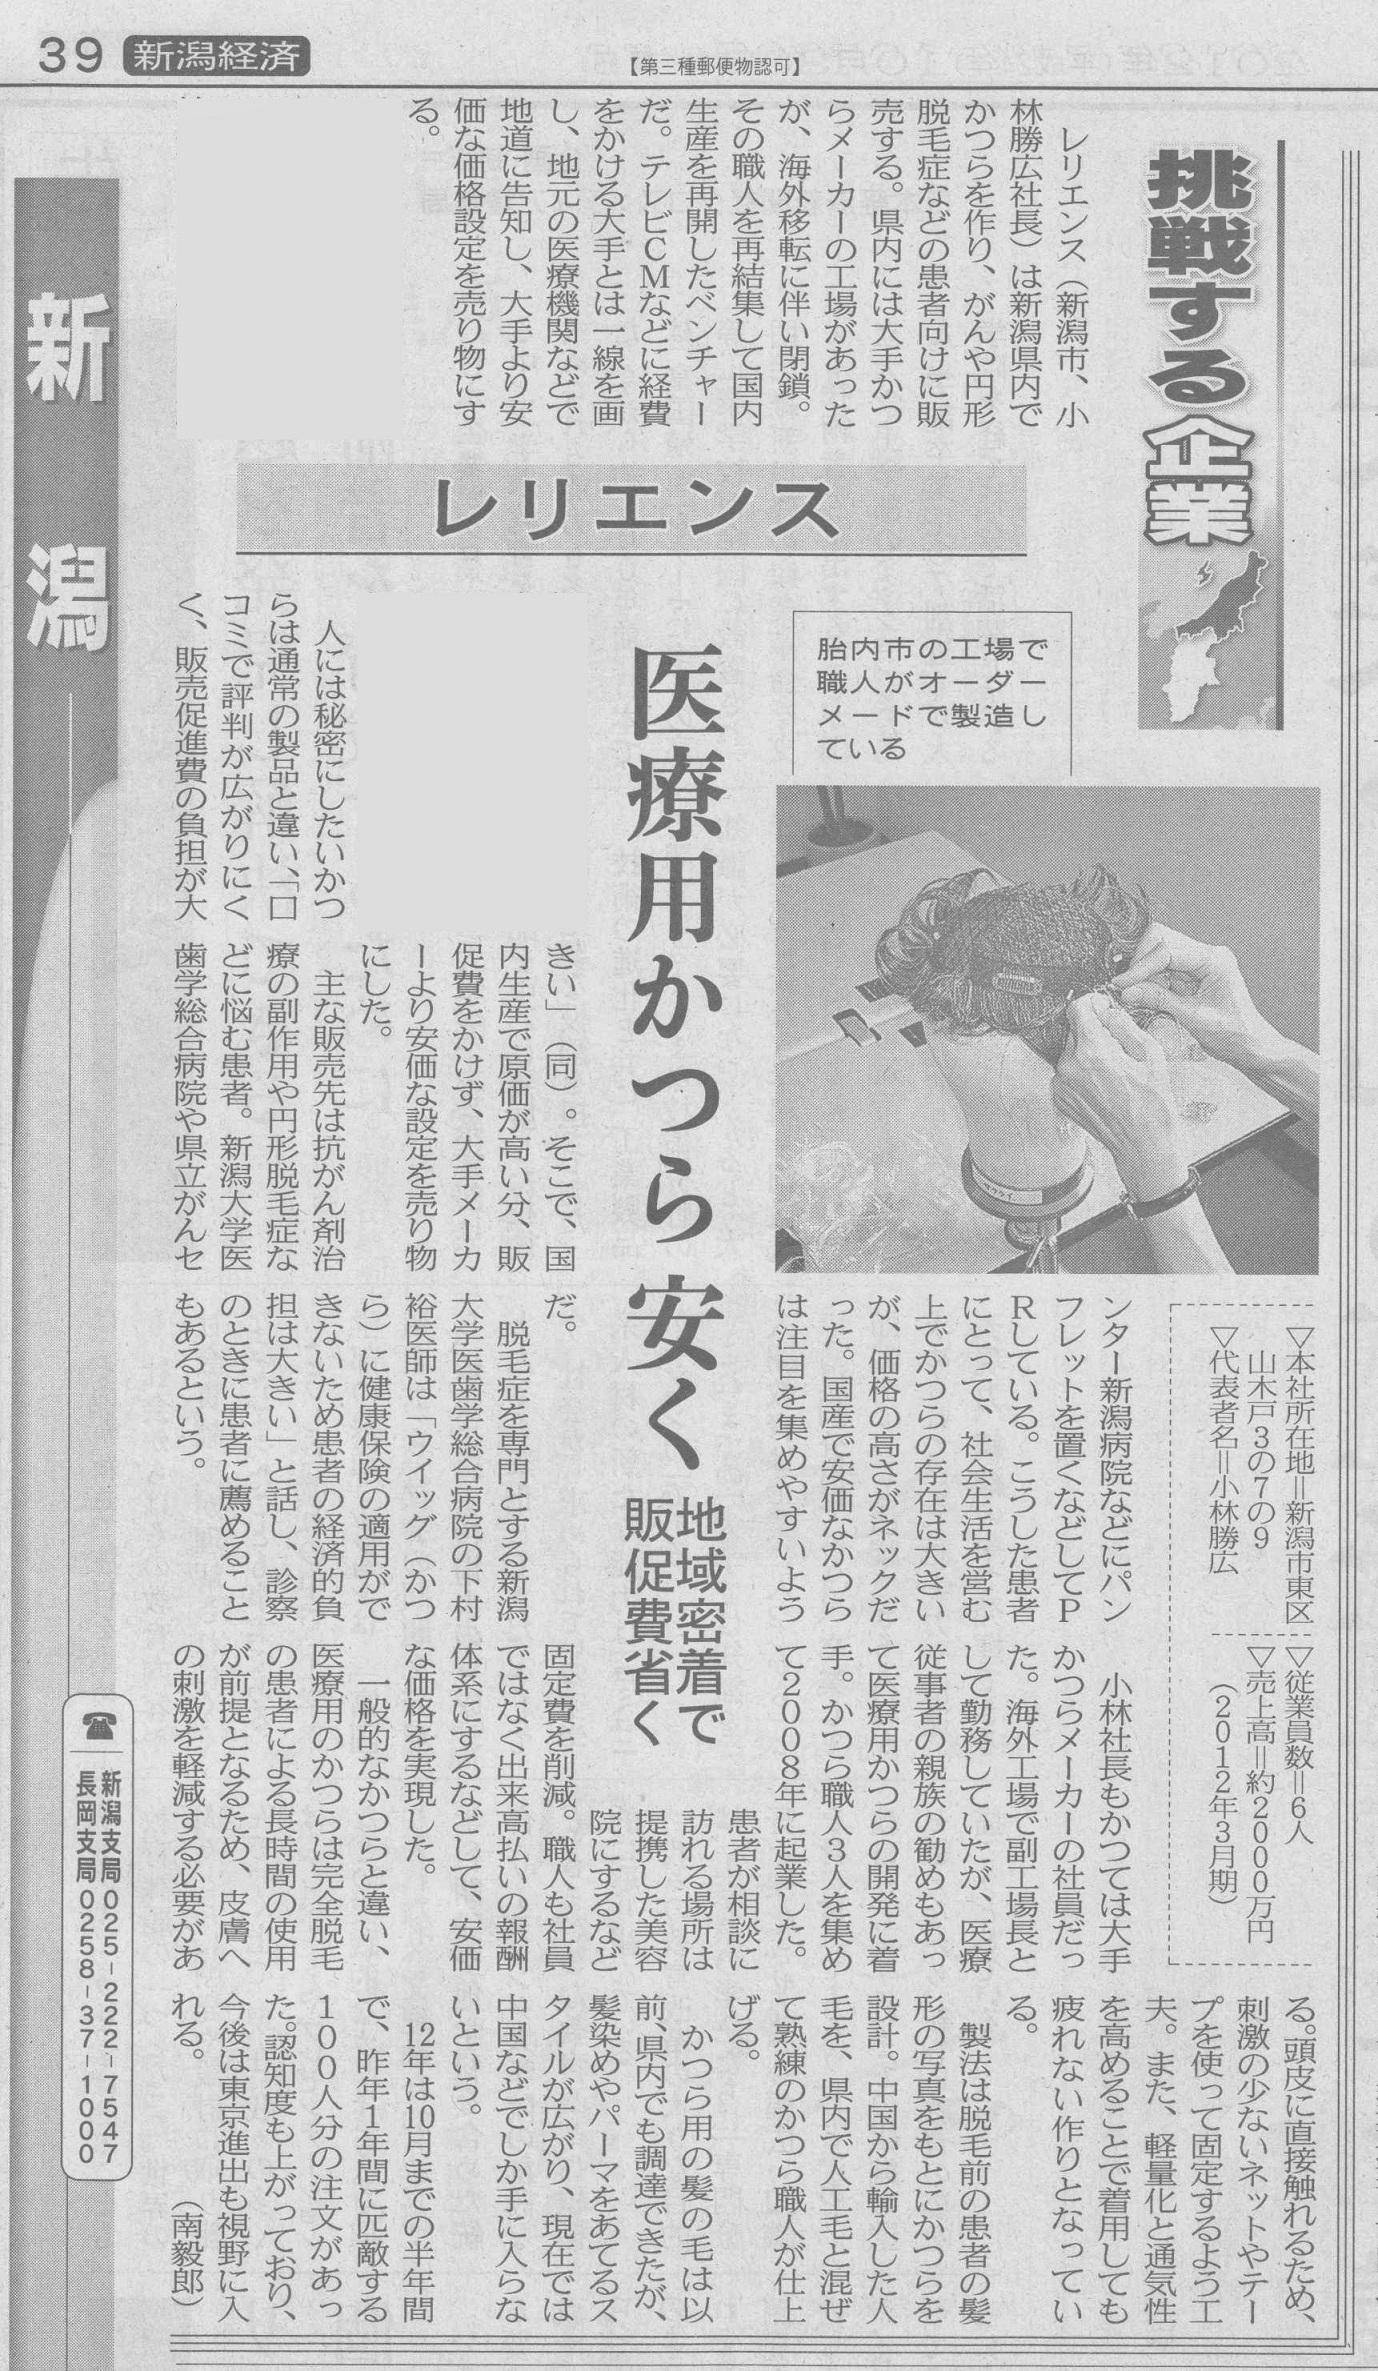 医療用かつらウィッグ日本経済新聞レリエンス